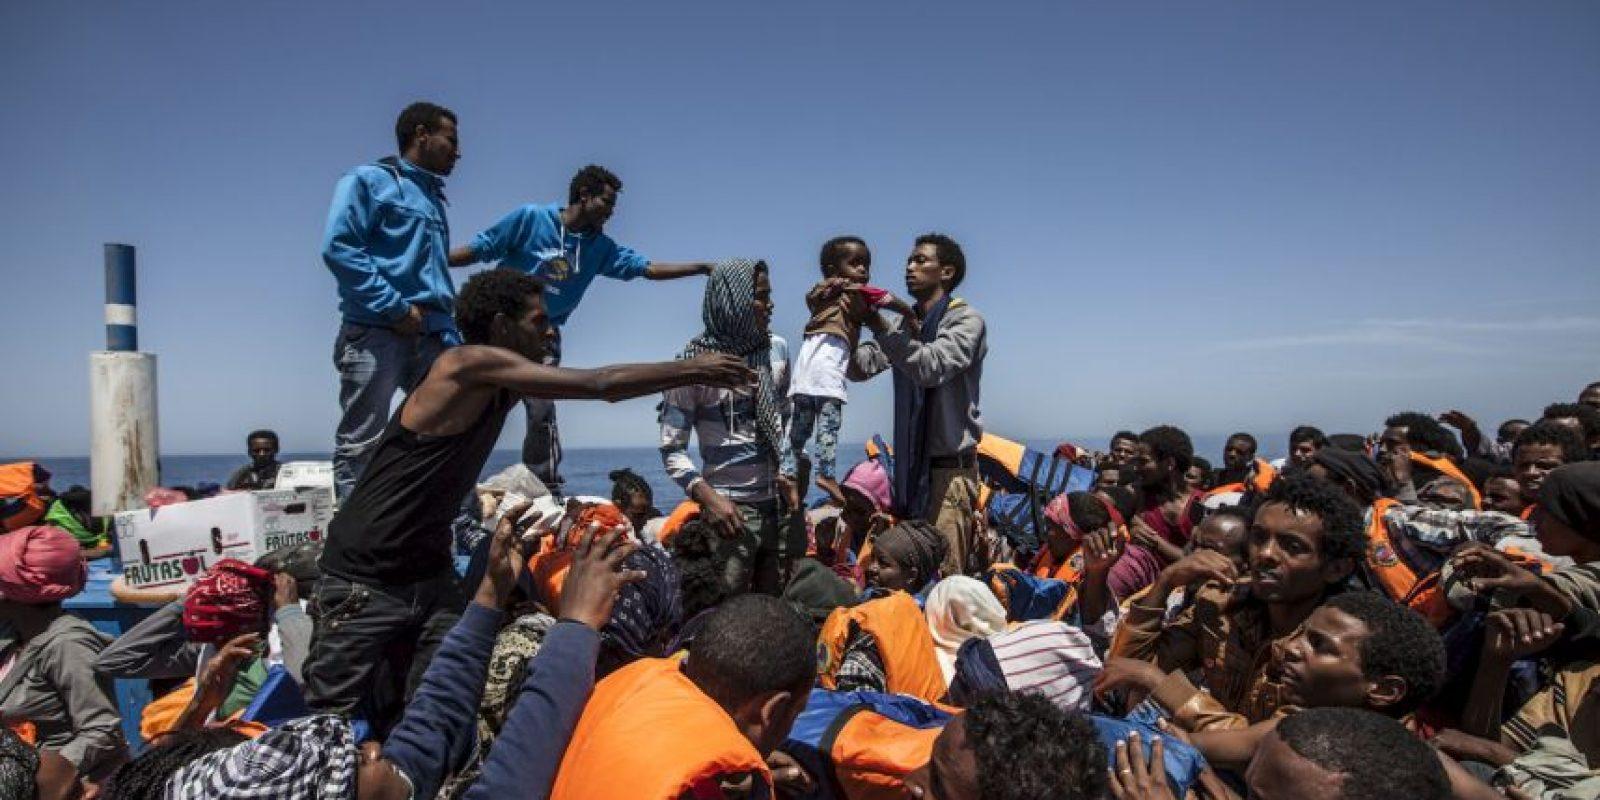 La guardia costera italiana llevó acabo el rescate de cinco mil 800 inmigrantes. Foto:AFP